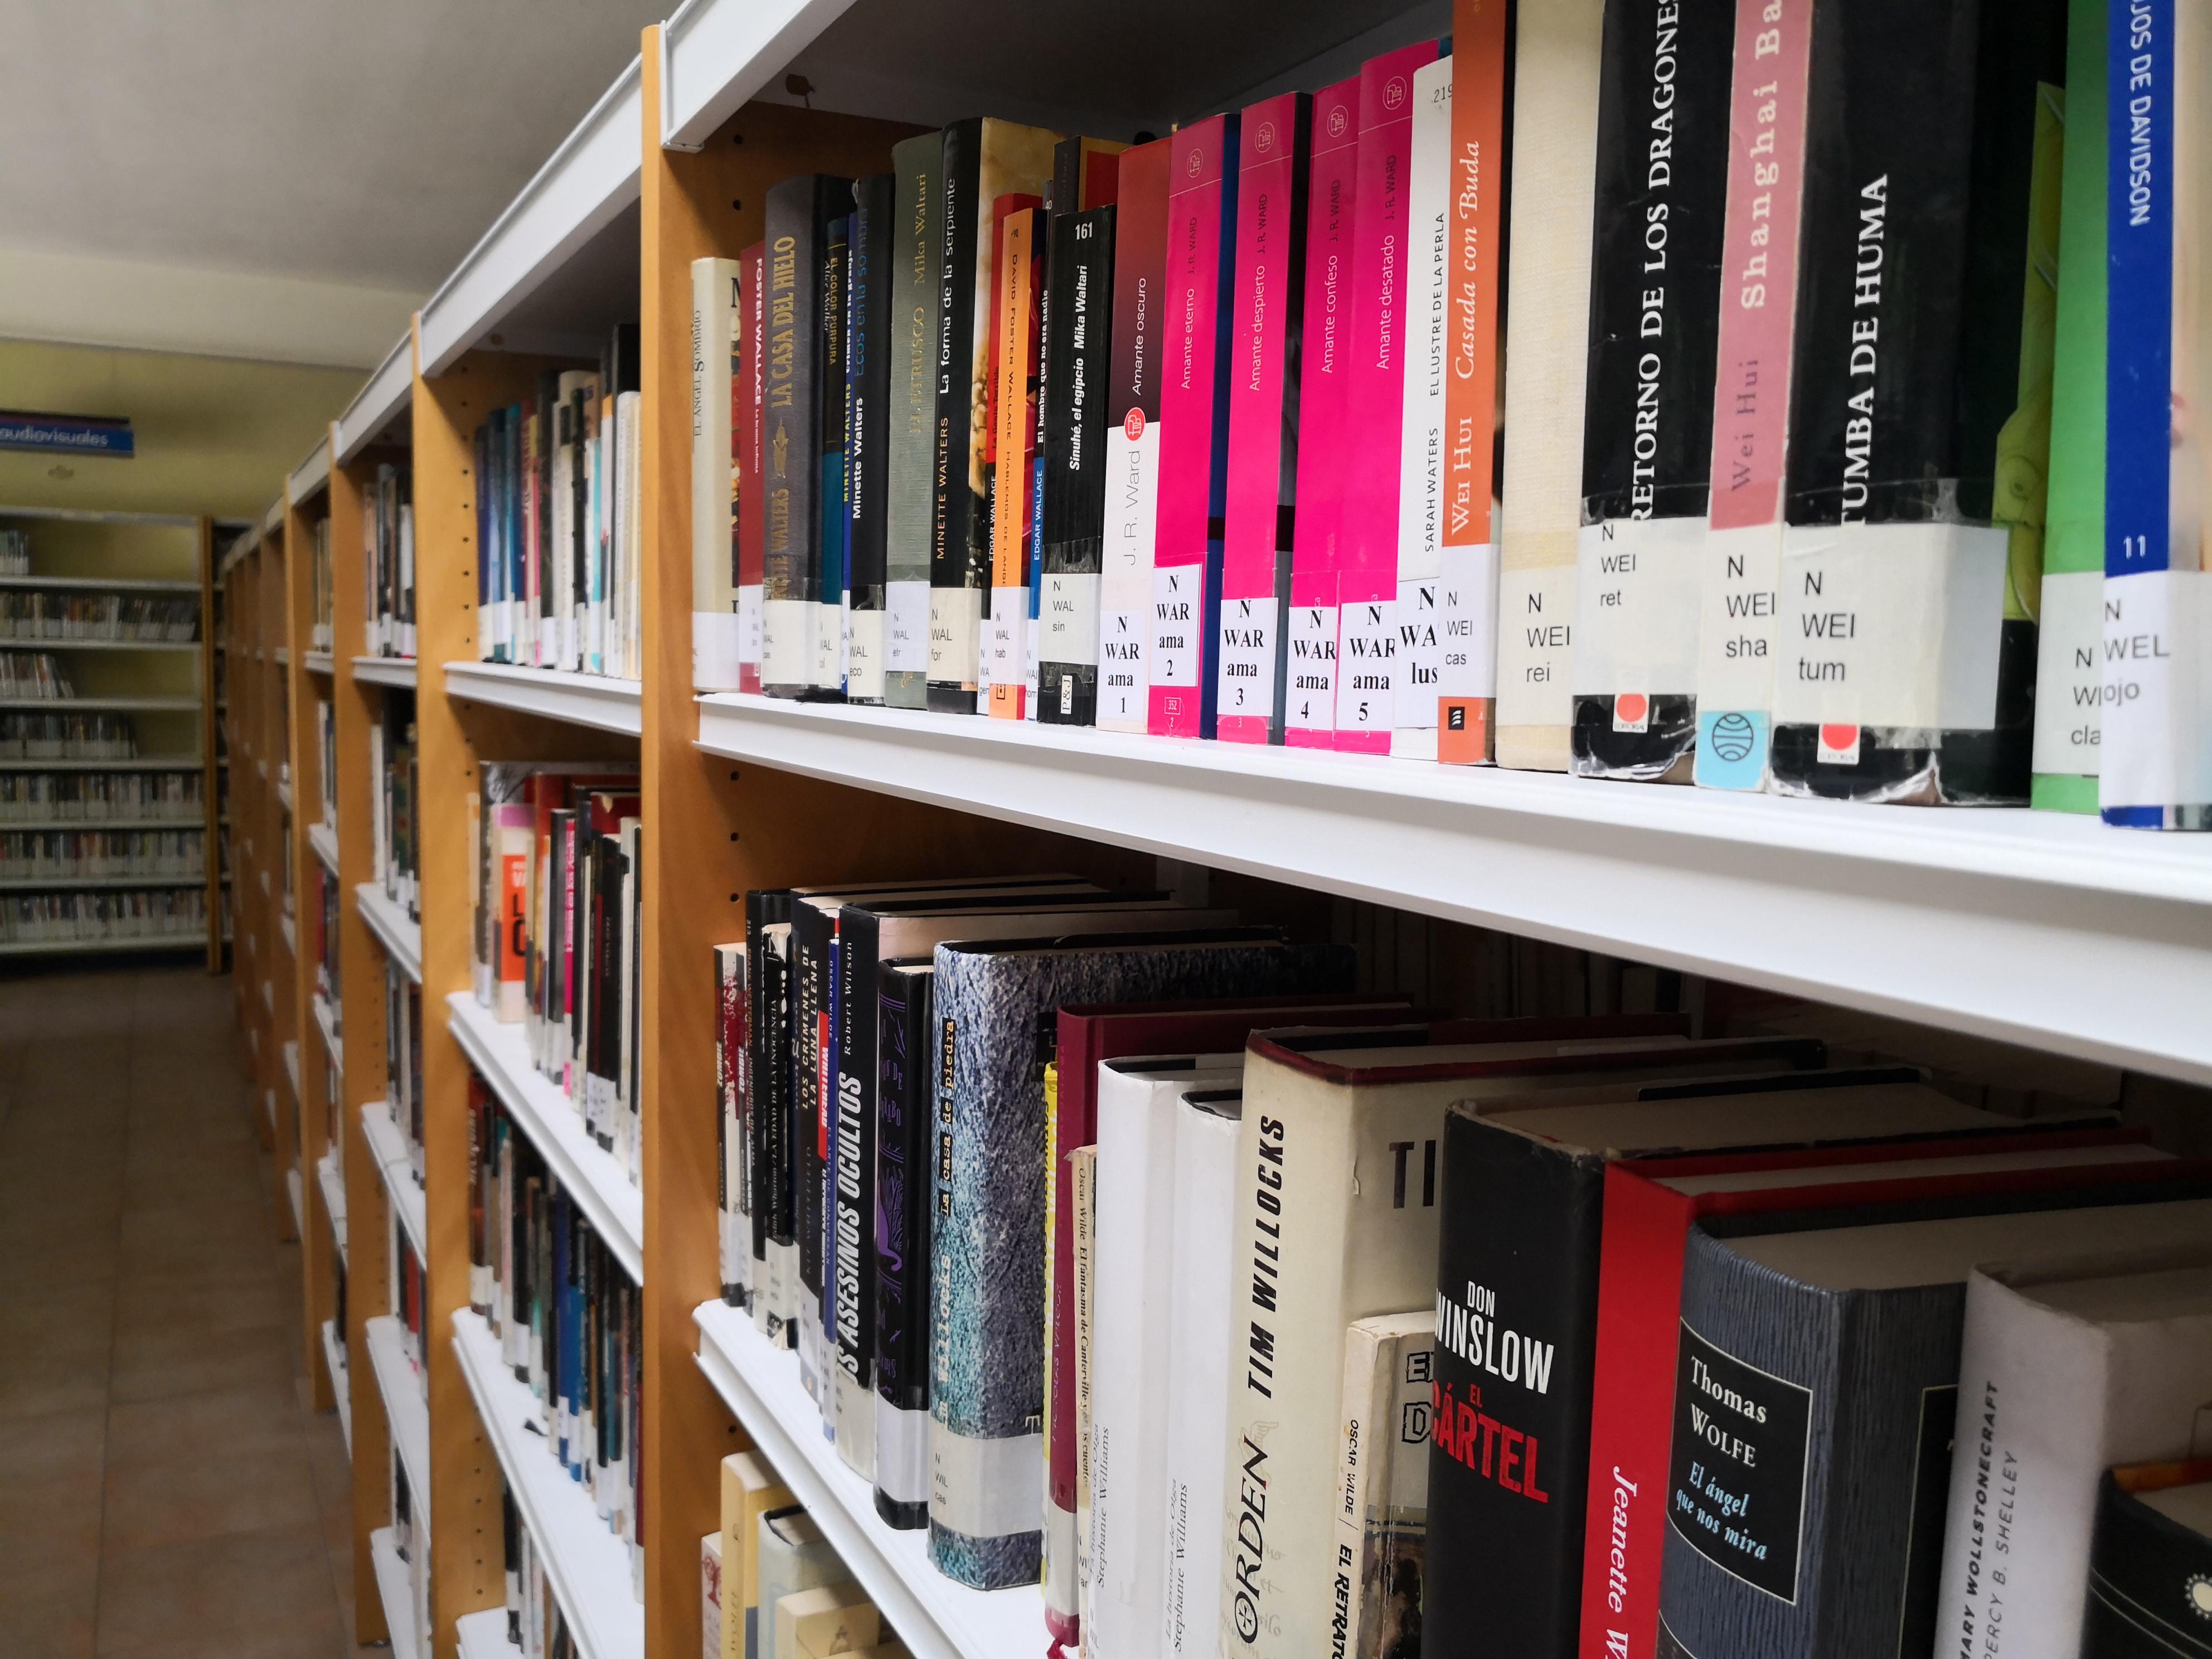 Humanes celebra el día Mundial de la Biblioteca con un taller de cuentoterapia, un bono lectura y un sorteo de libros.